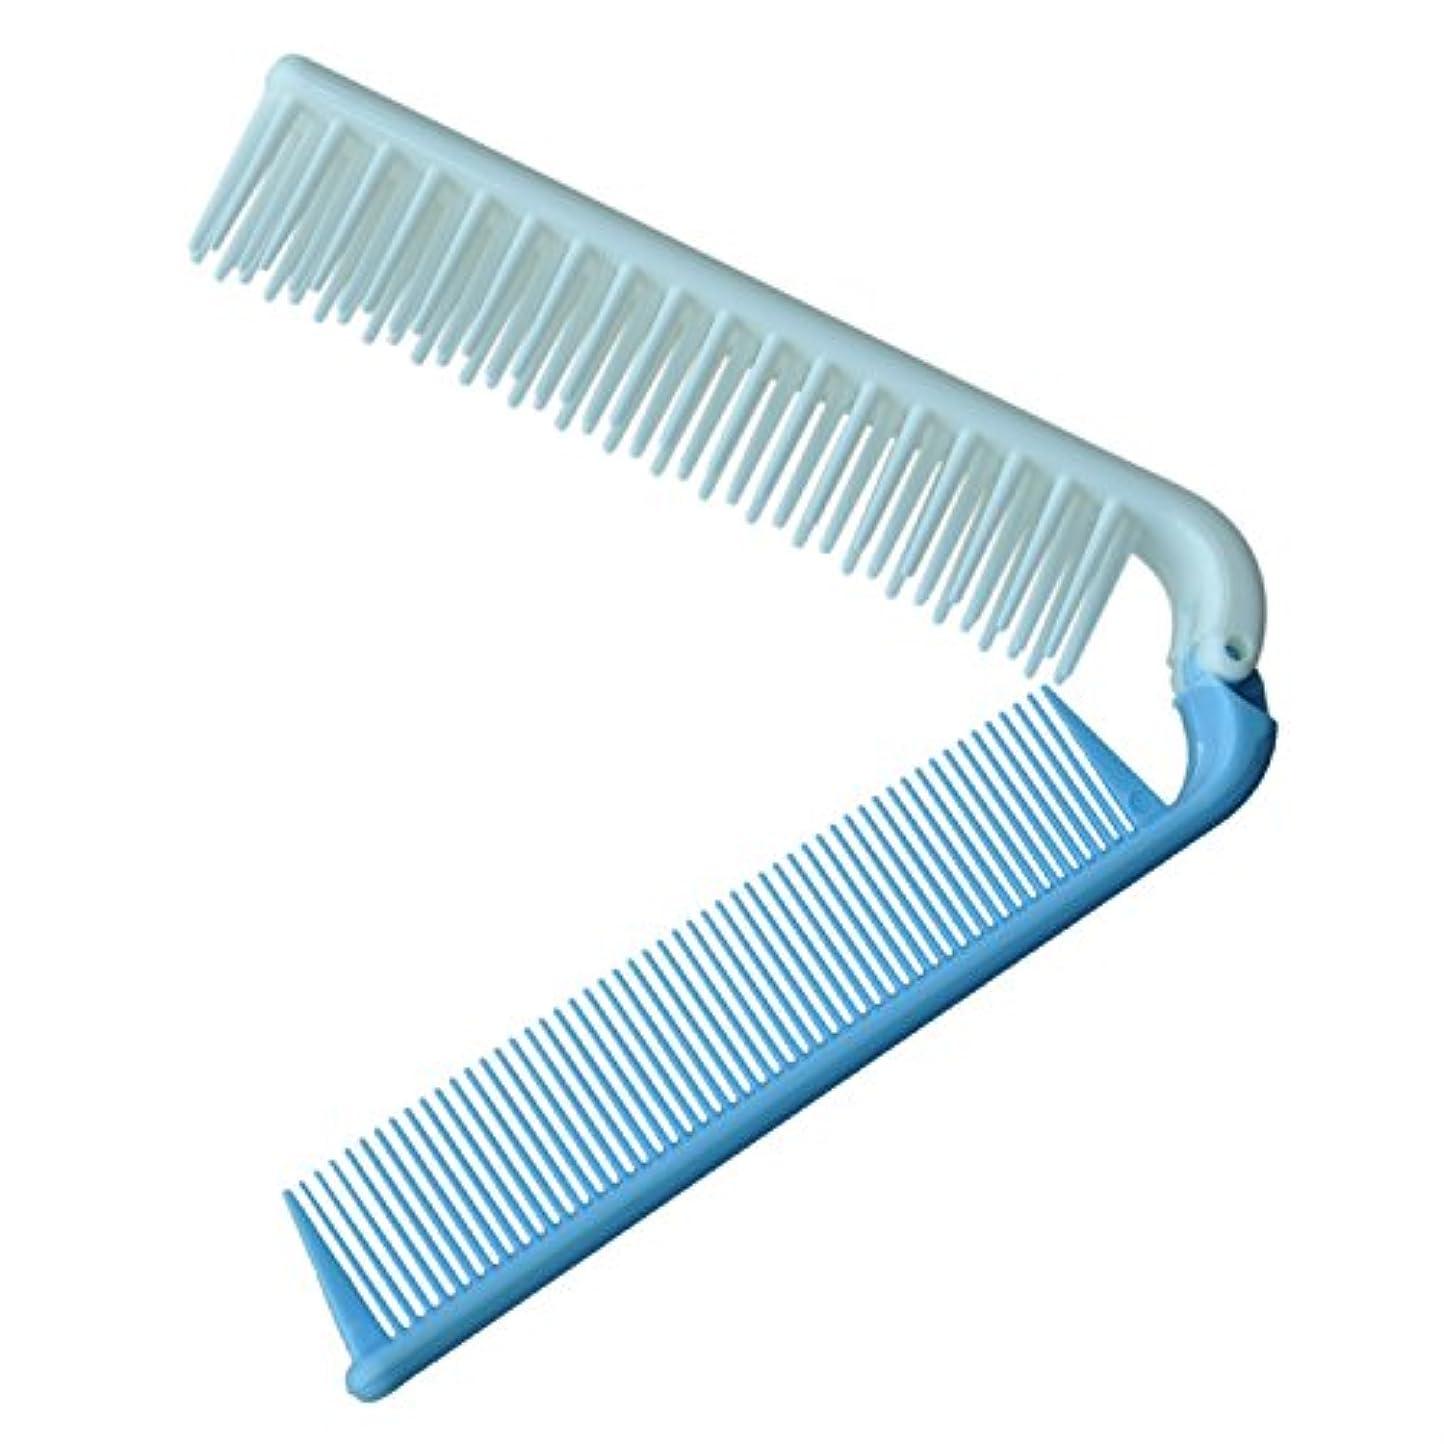 反対階層原因CUHAWUDBA 旅行スカイブルー粗い歯の折りたたみデュアルヘアブラシ ポケットくし 7.4